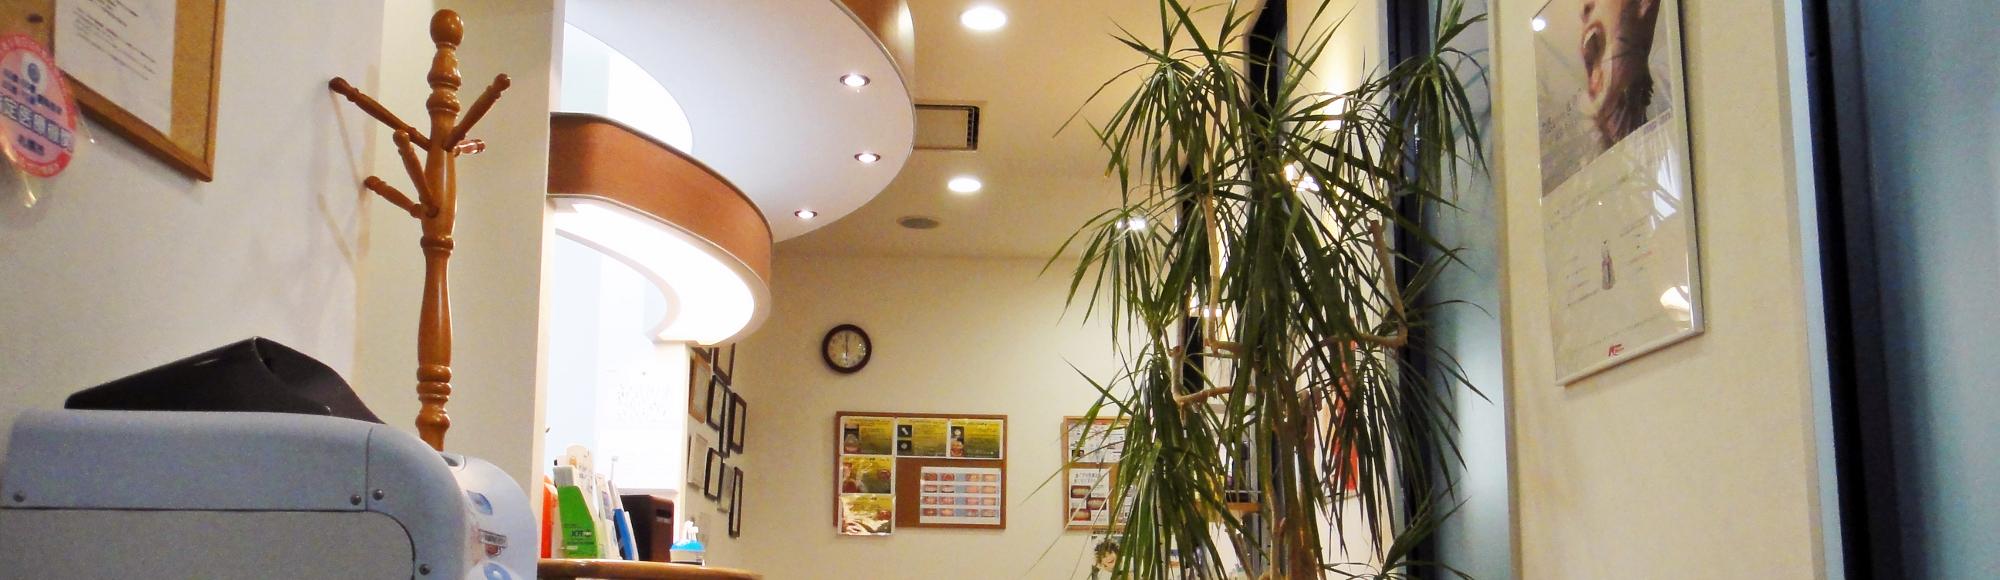 手稲区富丘の歯医者あきデンタルクリニックは予防歯科に力を入れています。